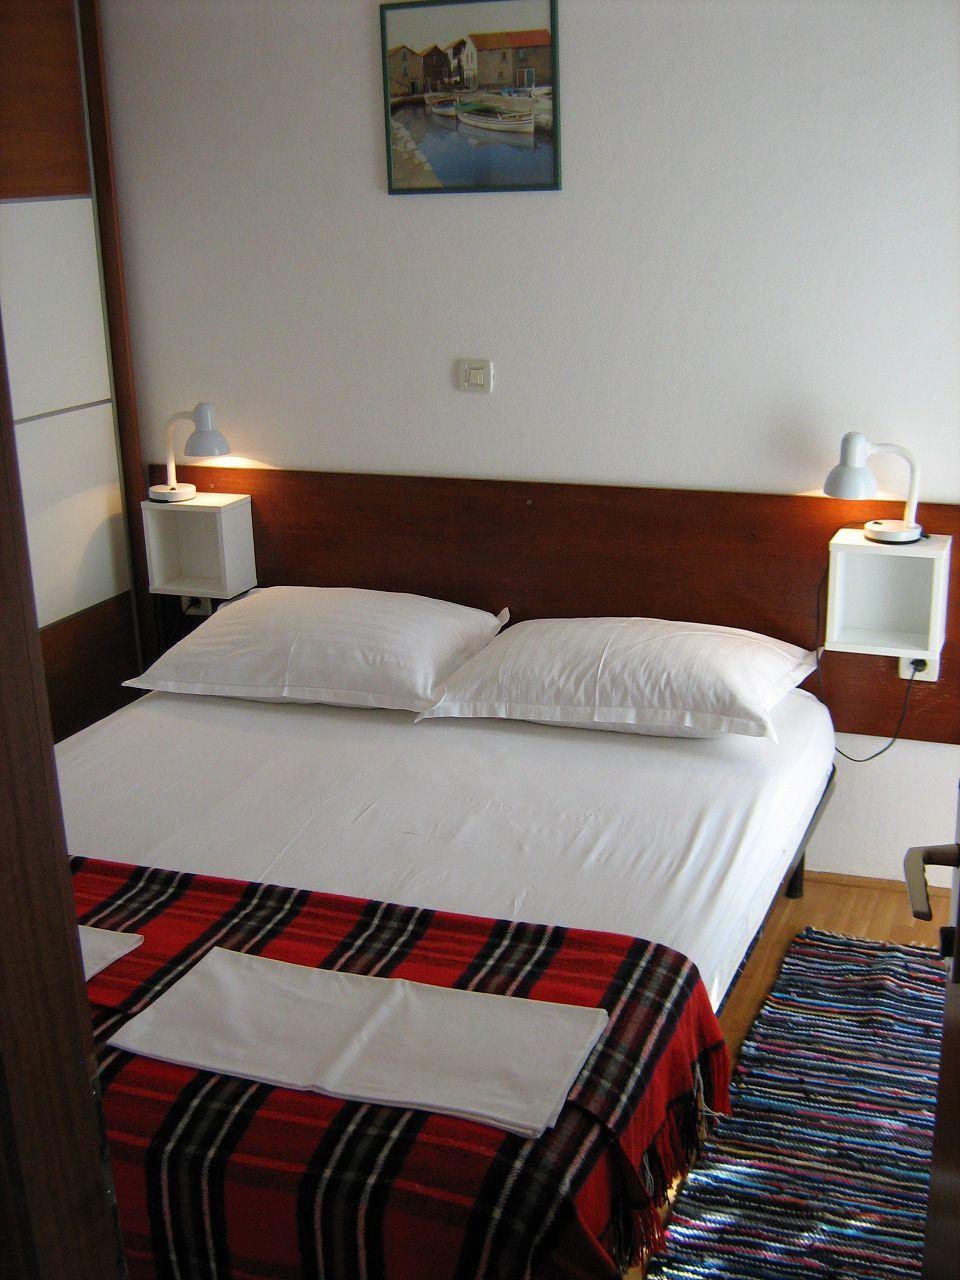 00209PISA  - Pisak - Ferienwohnungen Kroatien - A5 (2+2): Schlafzimmer